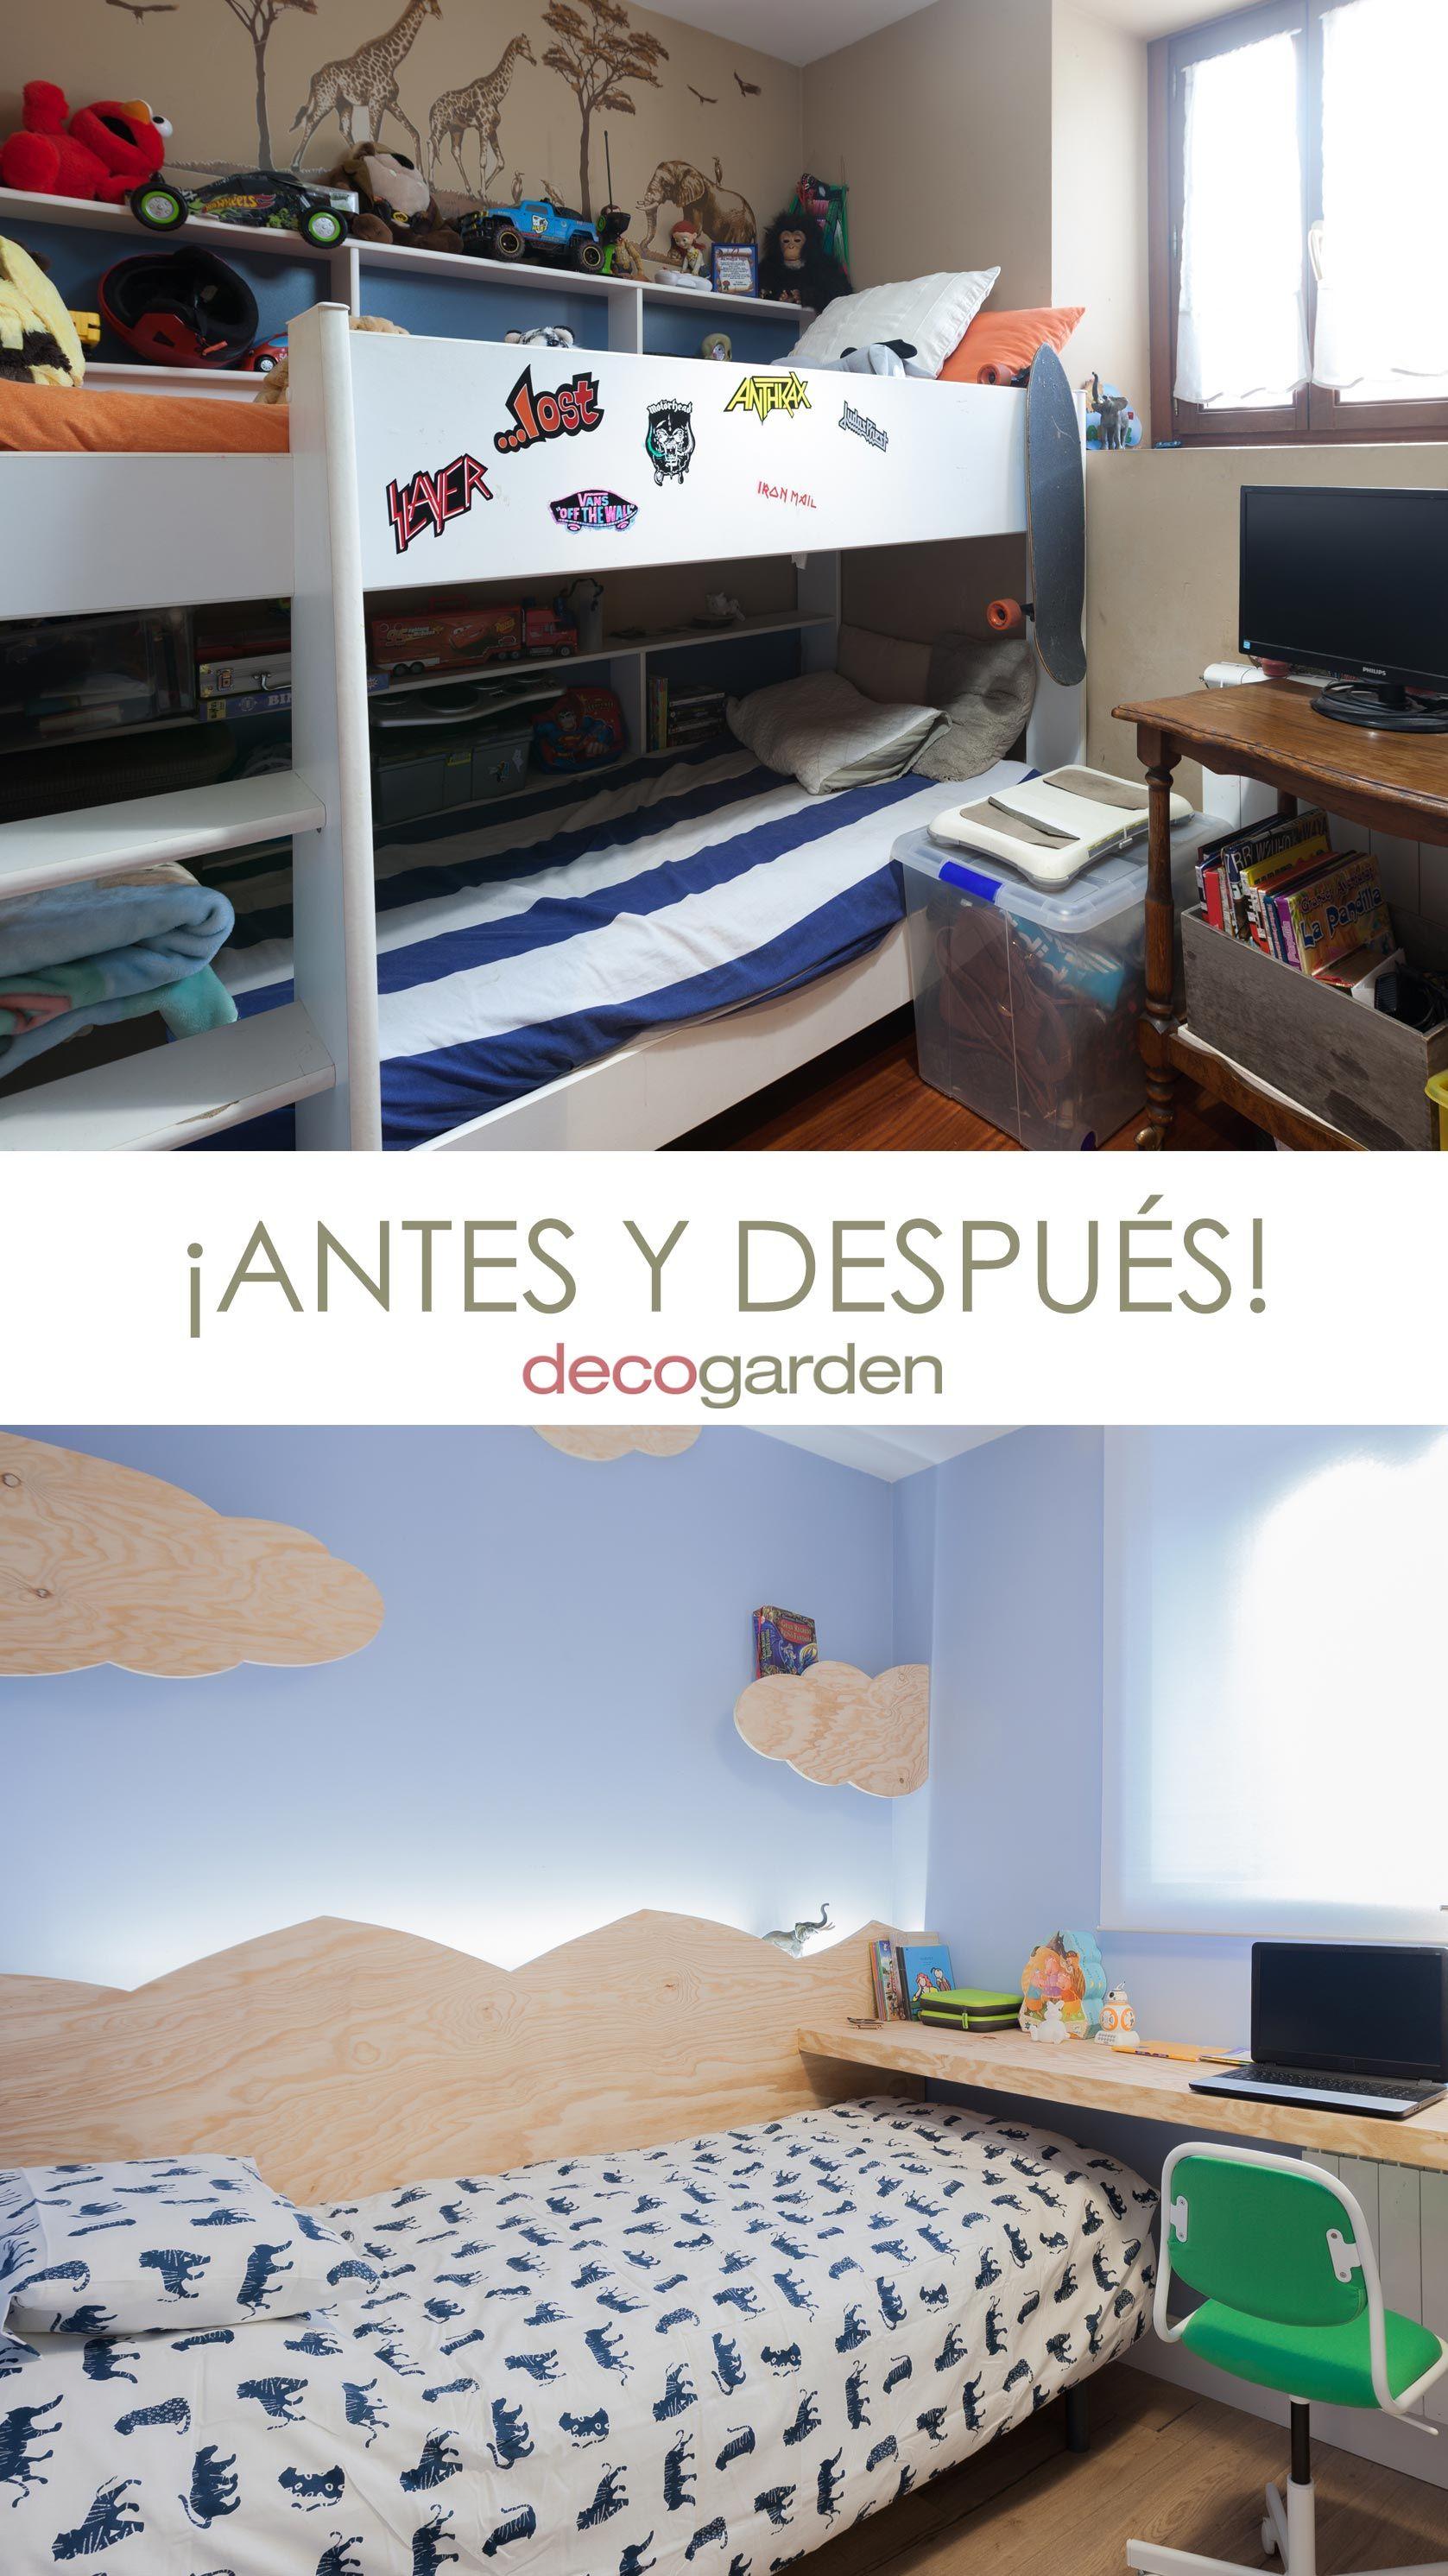 décorer une chambre d'enfants avec un bureau et une frise en bois - avant et après